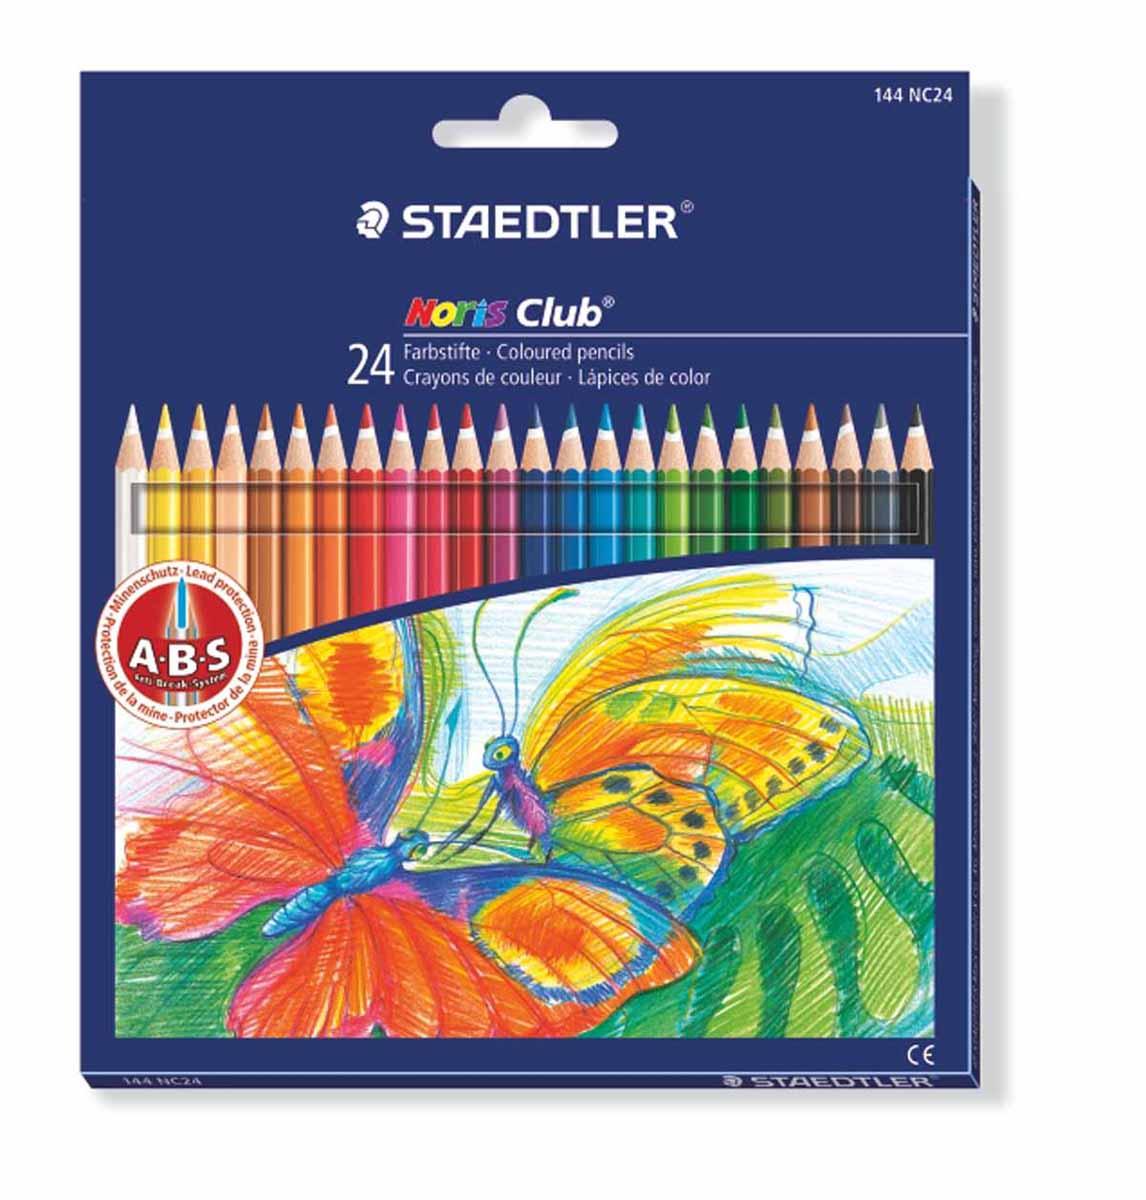 Staedtler Набор цветных карандашей Noris Club 24 цвета72523WDЦветные карандаши Staedtler Noris Club обладают классической шестиугольной формой. Разработанные специально для детей они имеют мягкий грифель и насыщенные цвета, а белое защитное покрытие грифеля (А·B·S) делает его более устойчивым к повреждению. С цветными карандашами Noris Club ваши дети будут создавать яркие и запоминающиеся рисунки.В наборе 24 карандаша.